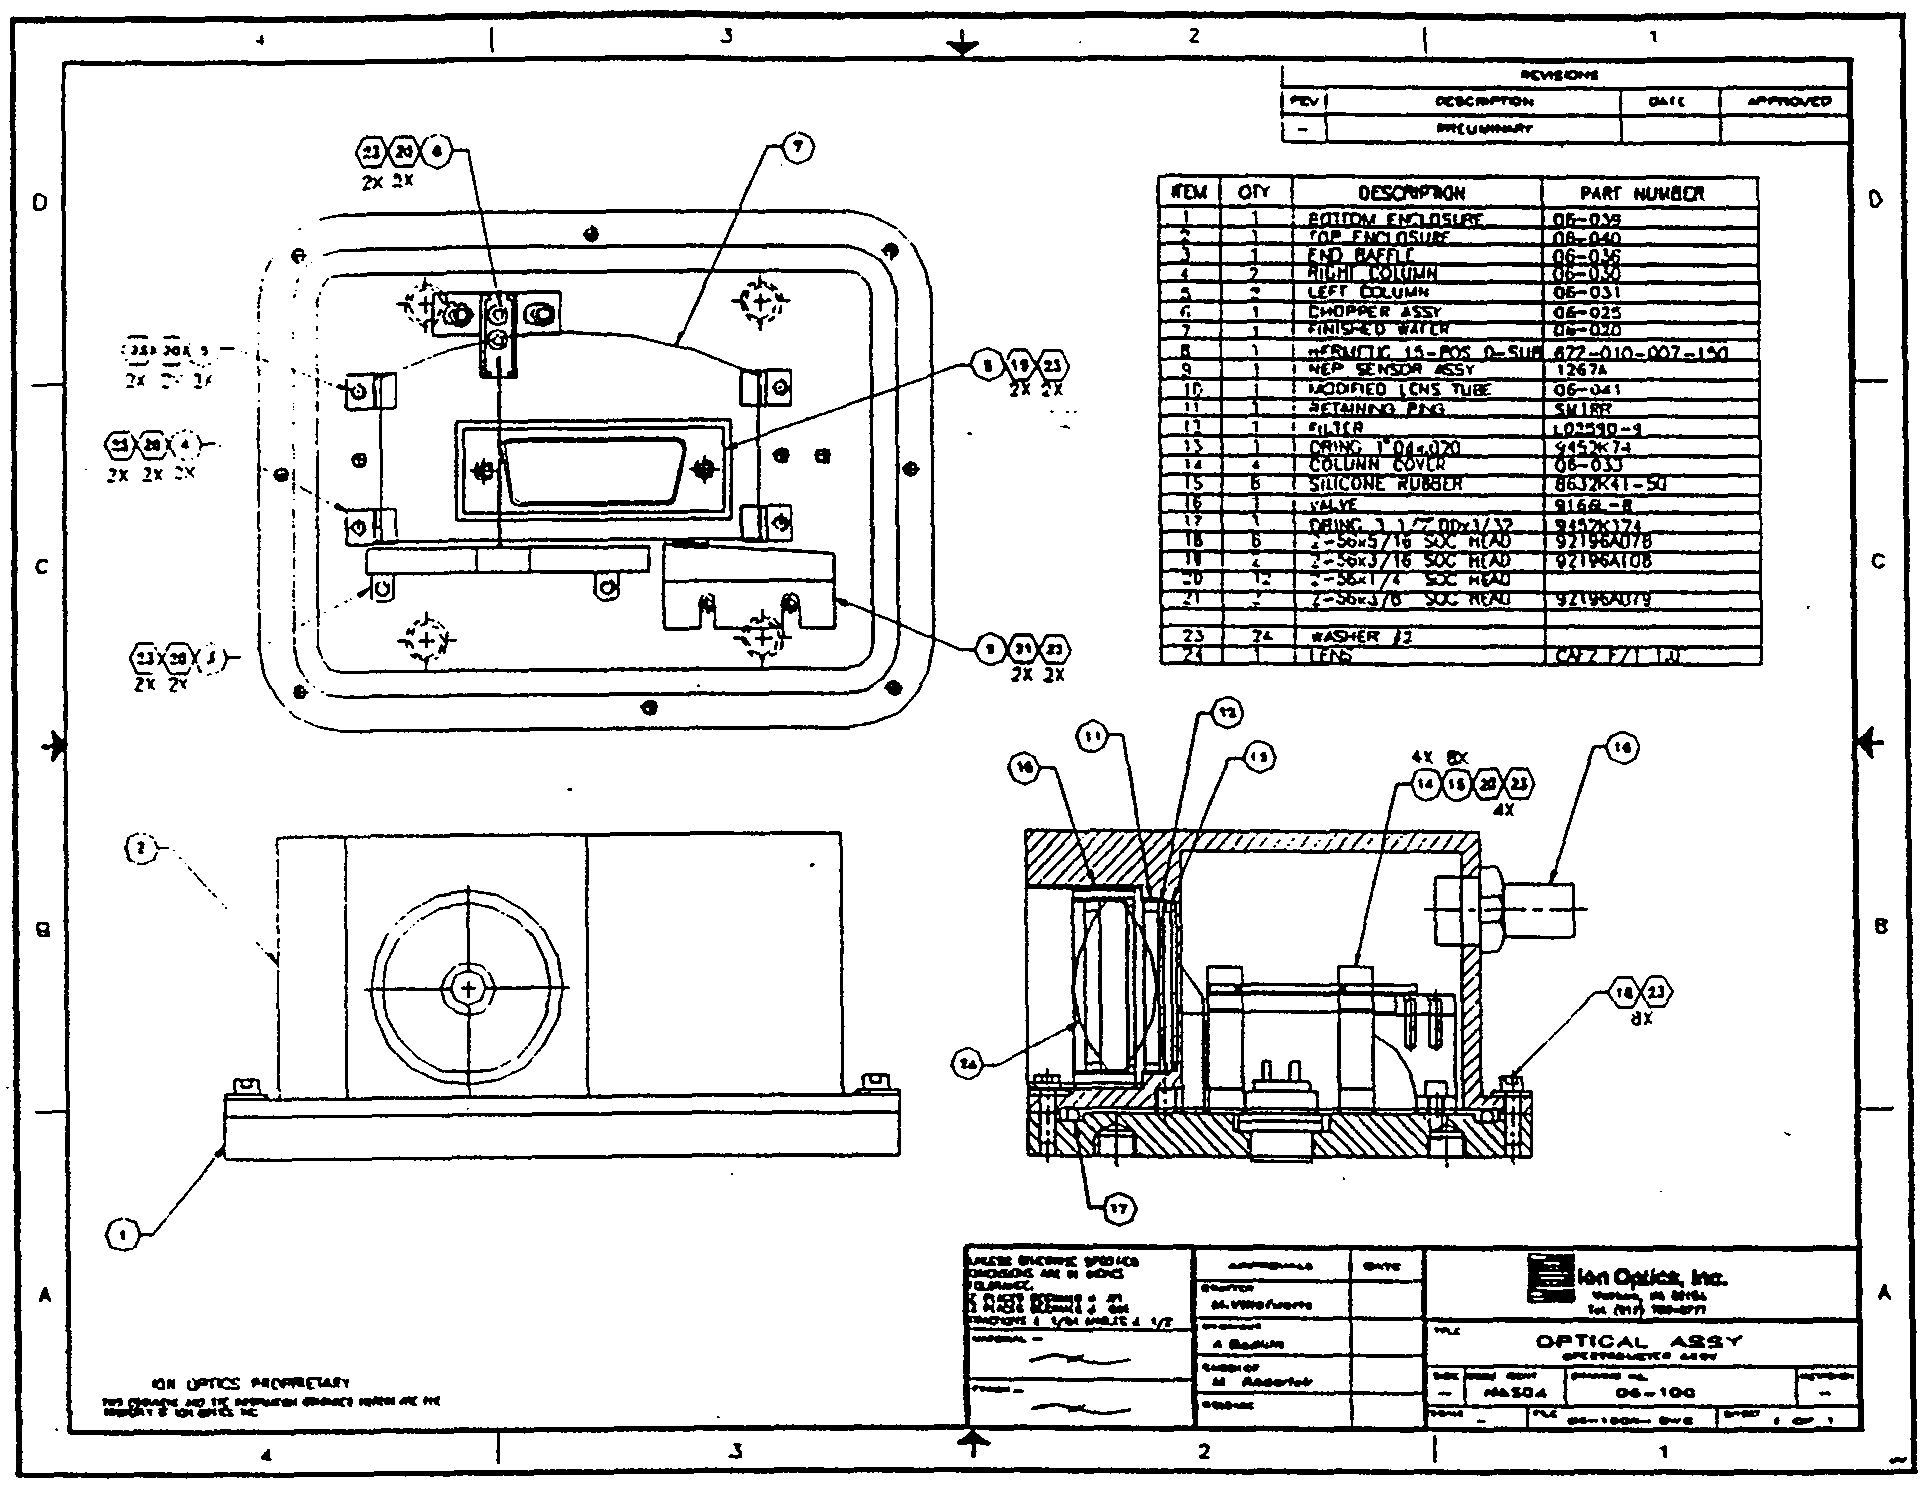 Nasa Drawing Standards